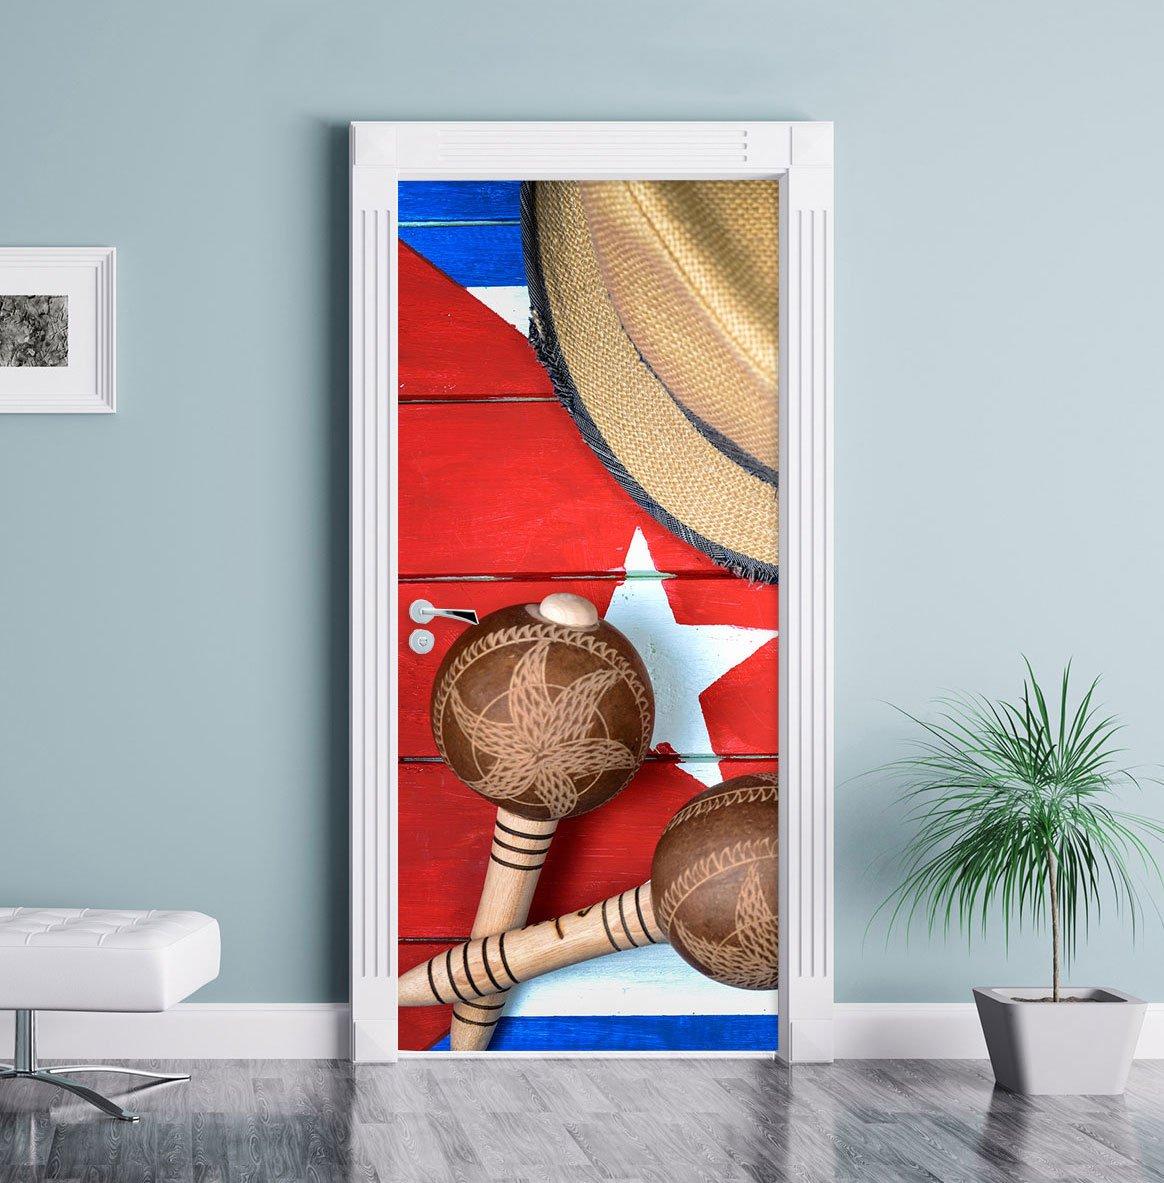 autoadesivi del Portello Telaio della Porta Cuba Still Life Come Murale Porta Decorazione Adesivi Porta Formato: 200x90cm